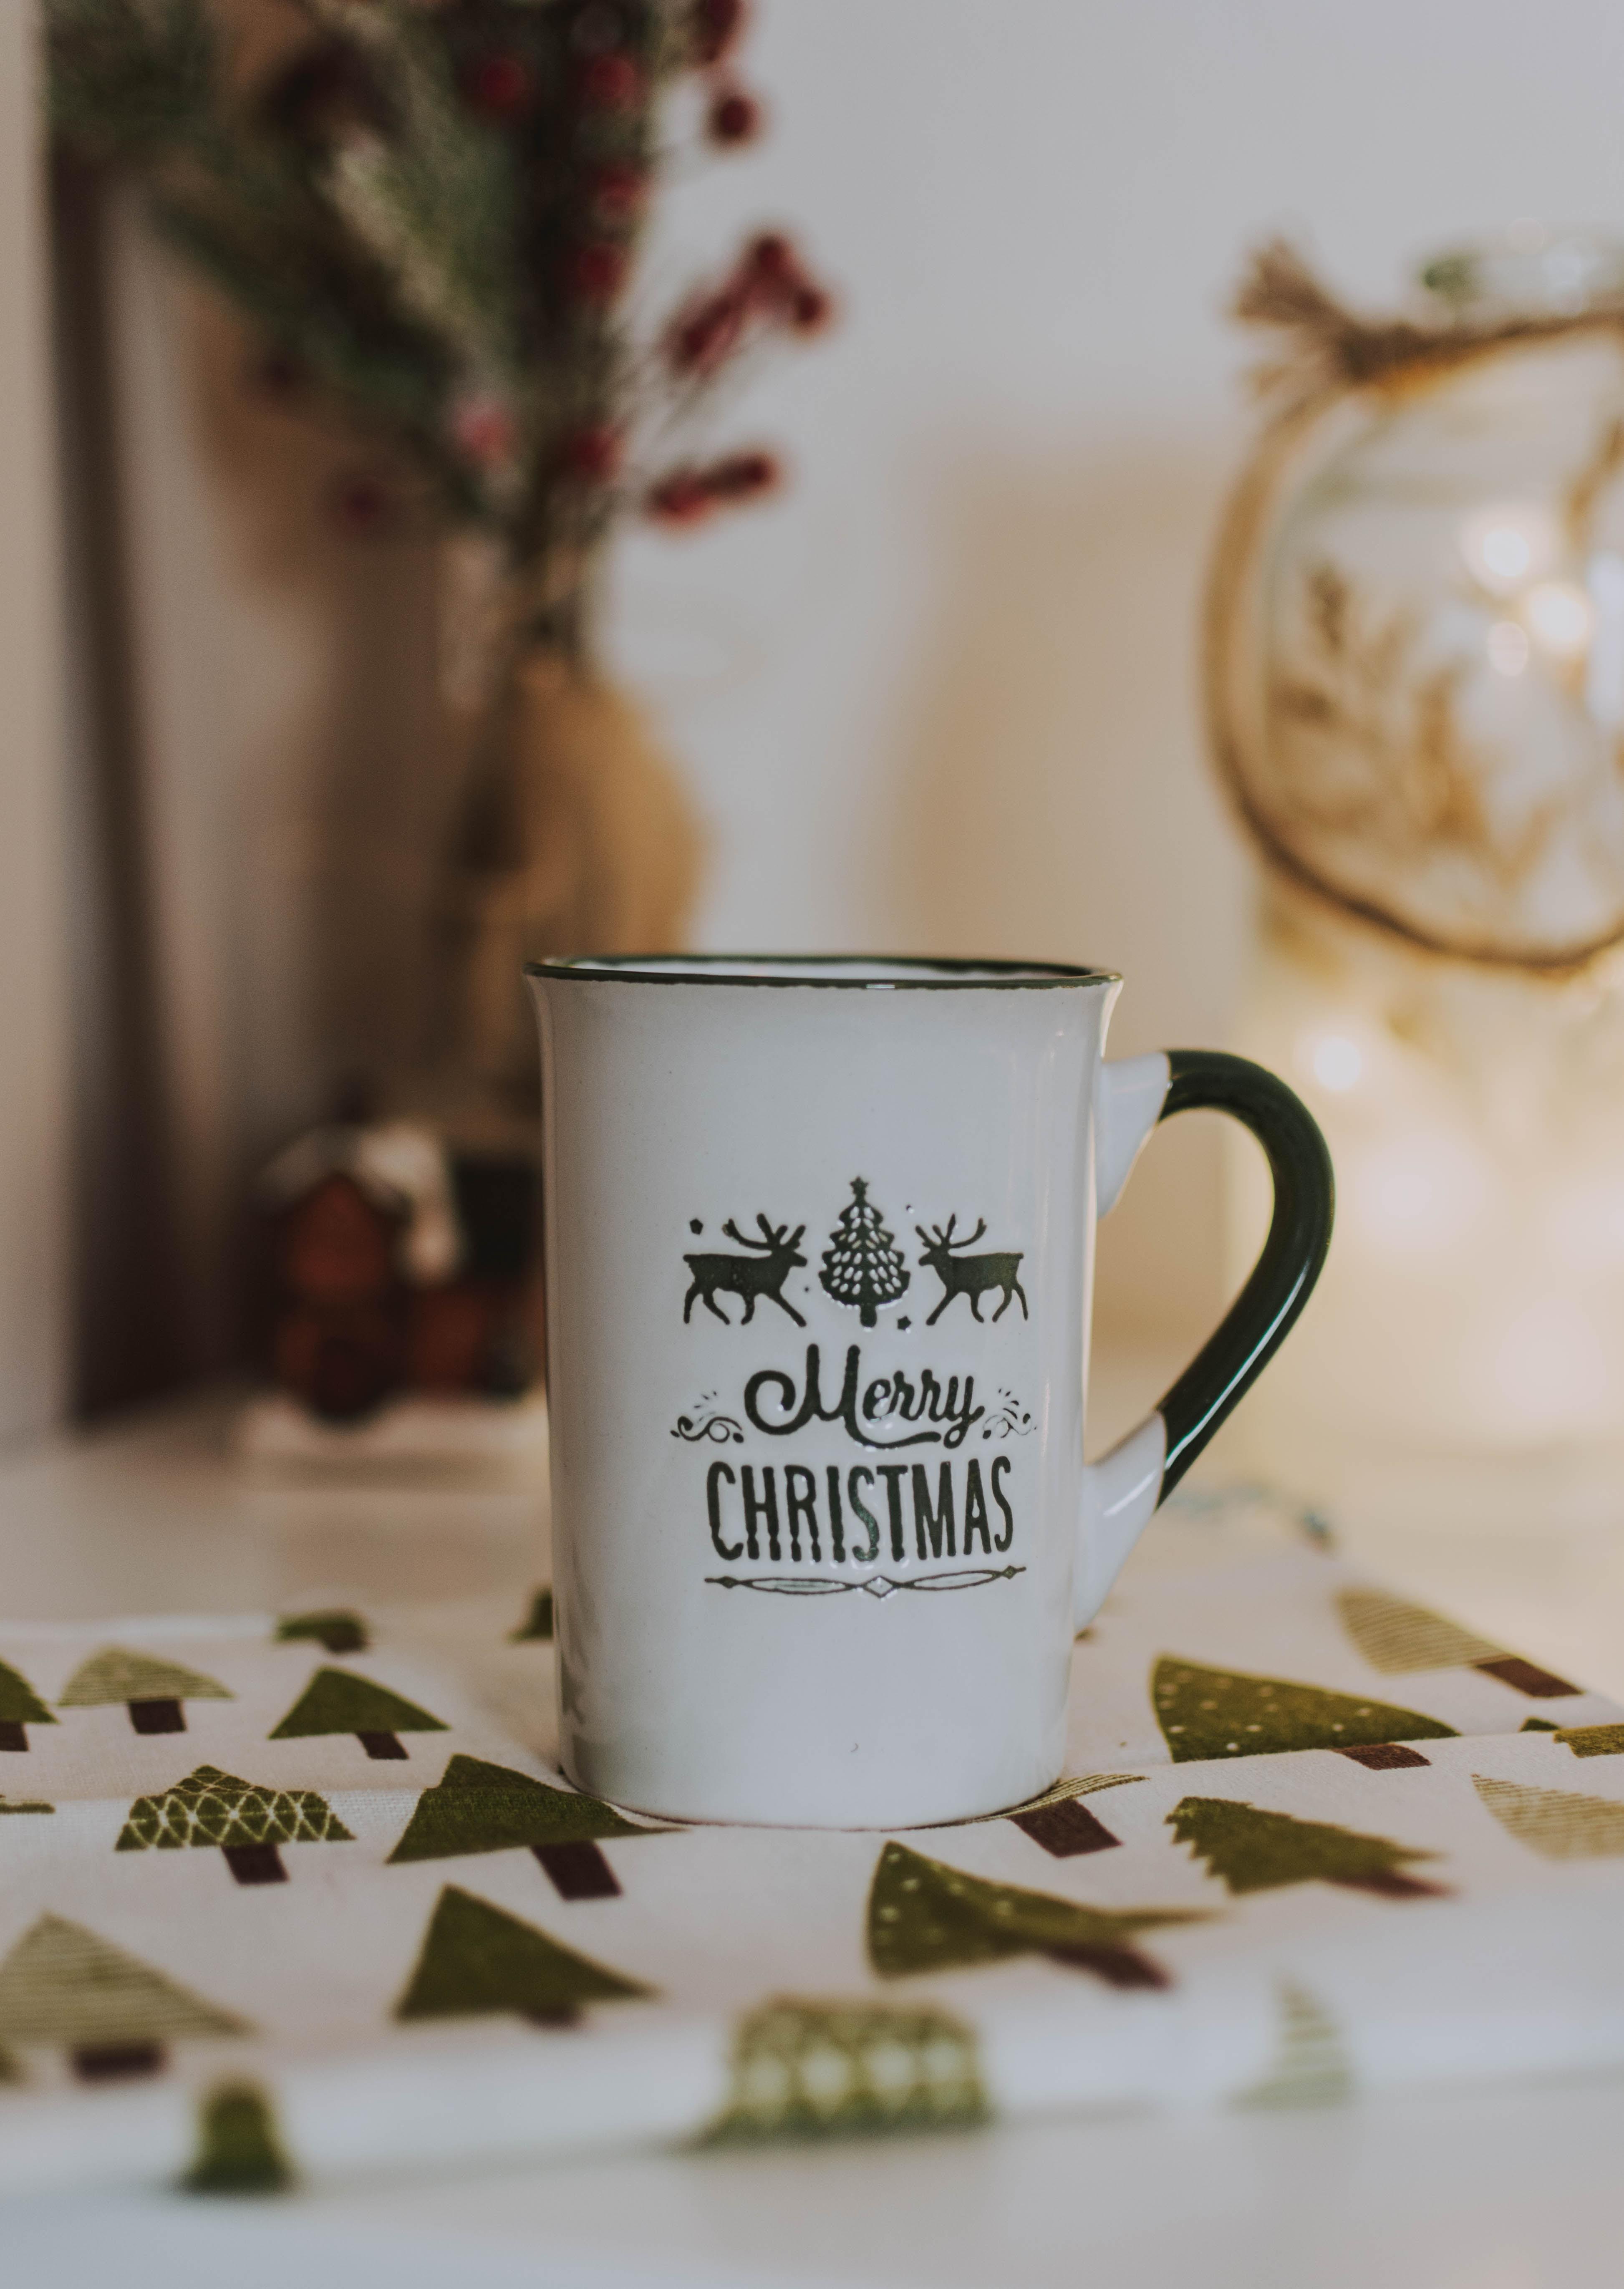 123953 Hintergrundbild herunterladen Feiertage, Weihnachten, Tasse, Urlaub, Inschrift, Becher, Festlich, Festliche - Bildschirmschoner und Bilder kostenlos